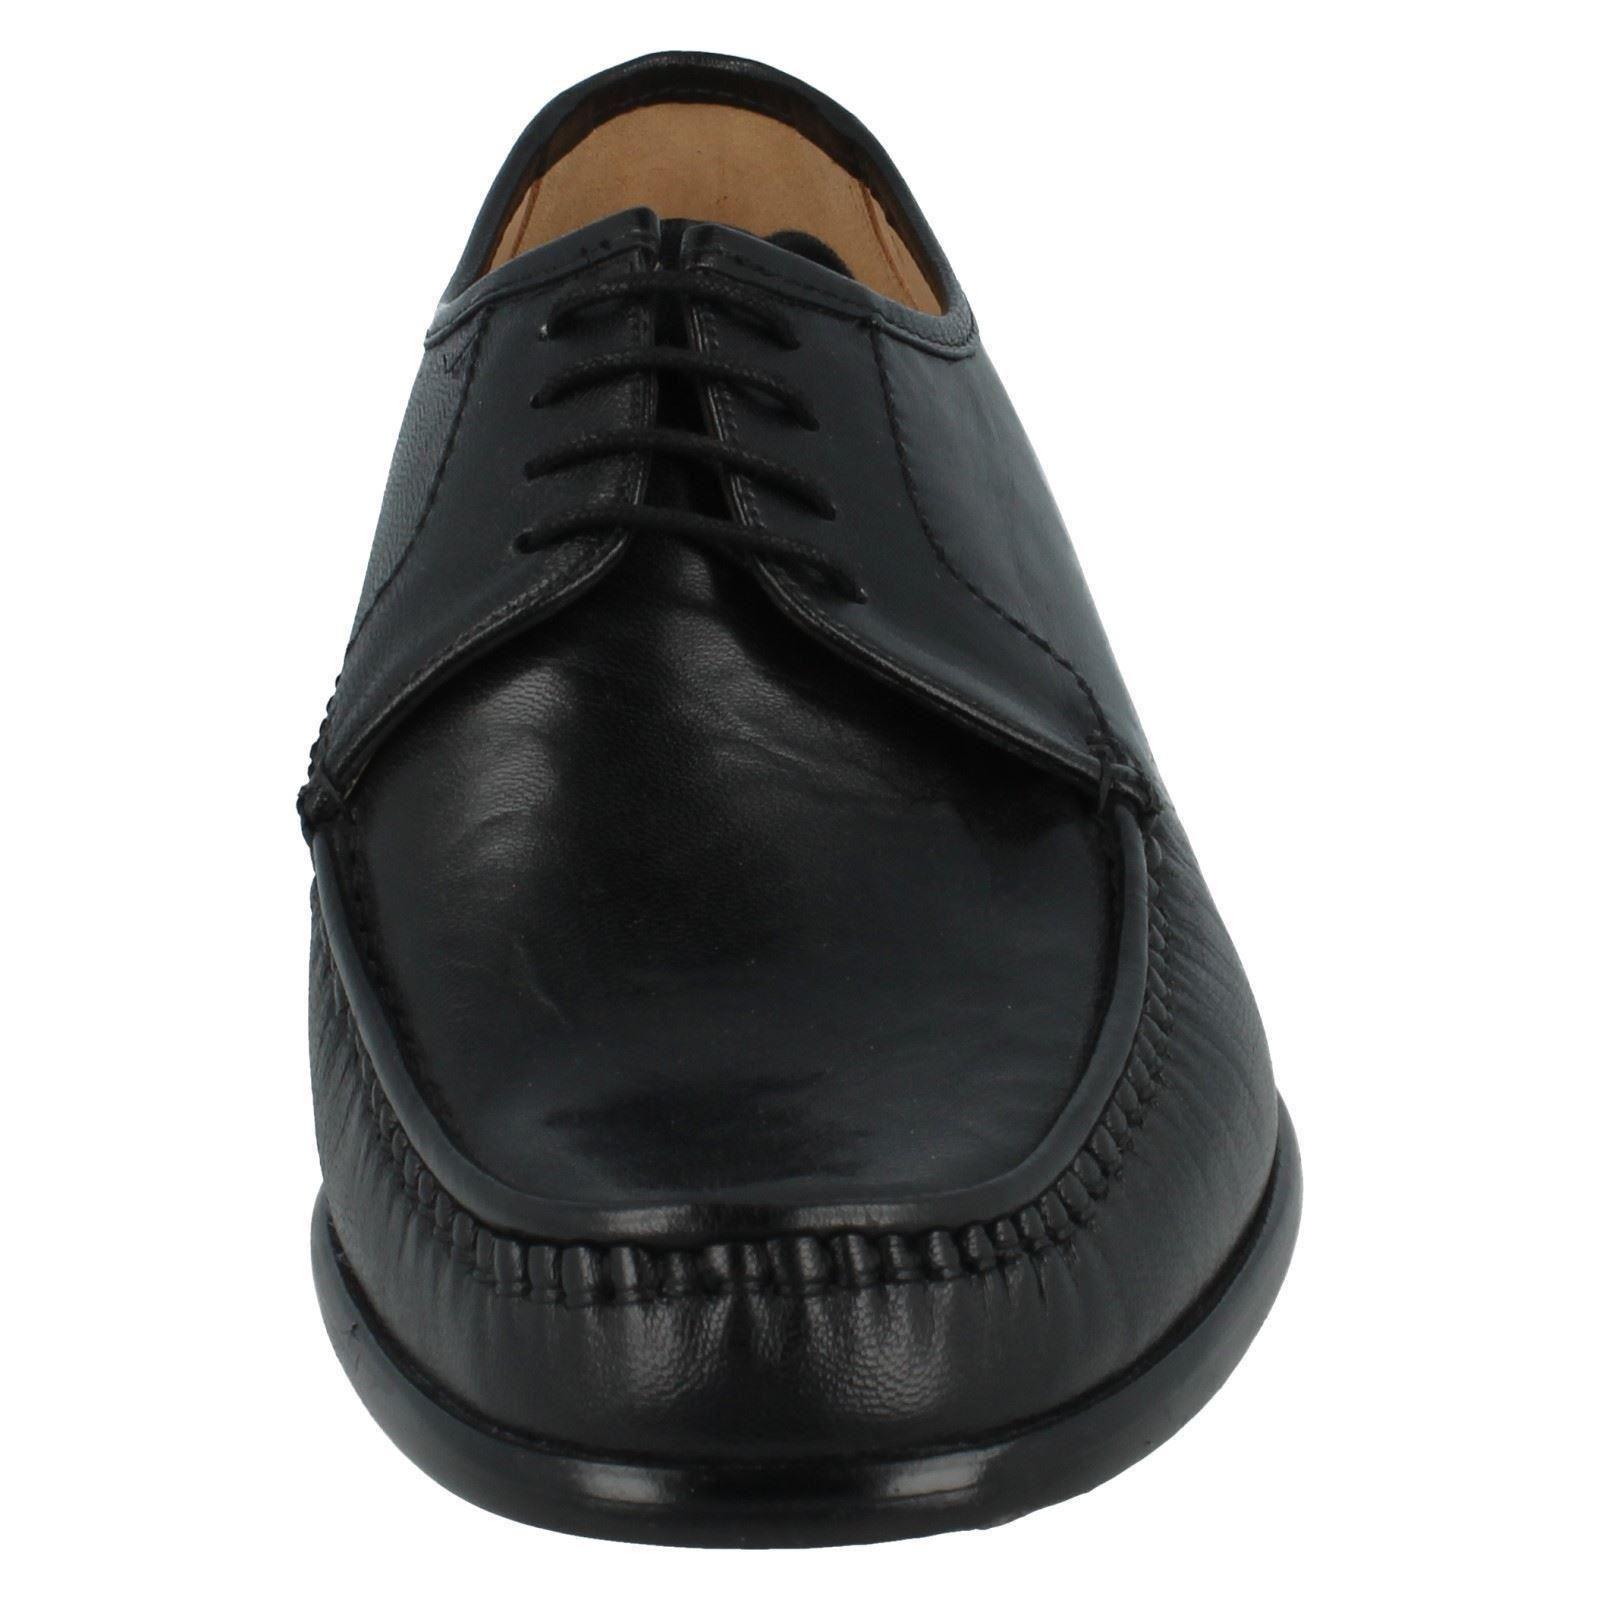 Da Uomo Grenson Formali Scarpe in cuoio Crewe 33343-01 RACCORDO G Scarpe classiche da uomo